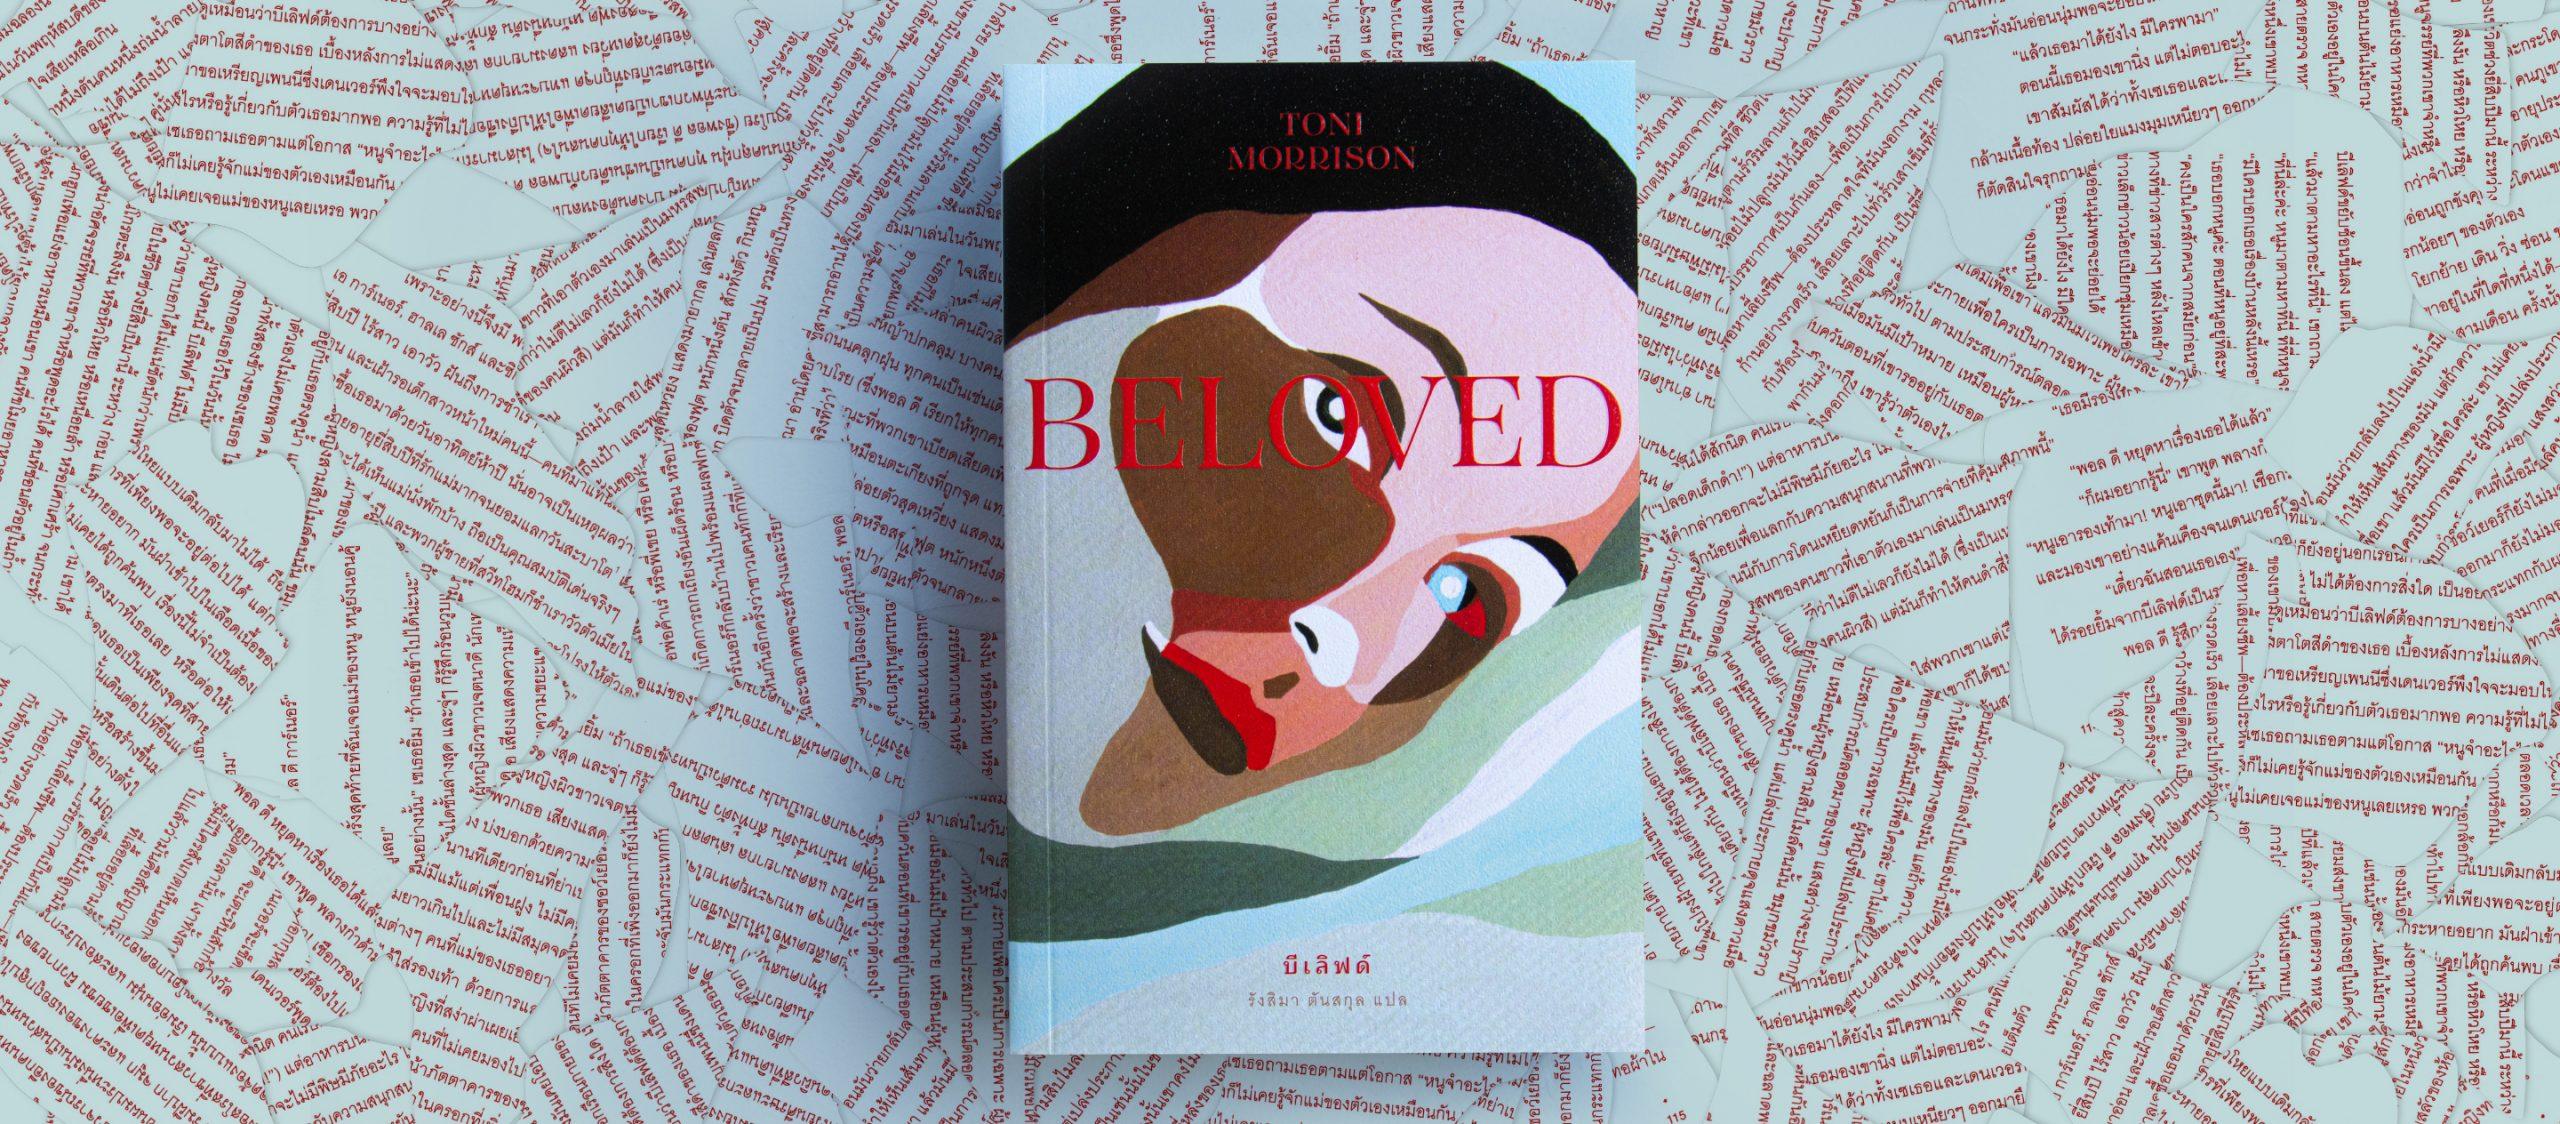 ผู้หญิง บาดแผลของทาส และประวัติศาสตร์ไร้เสียง ใน Beloved โดย Tony Morrison